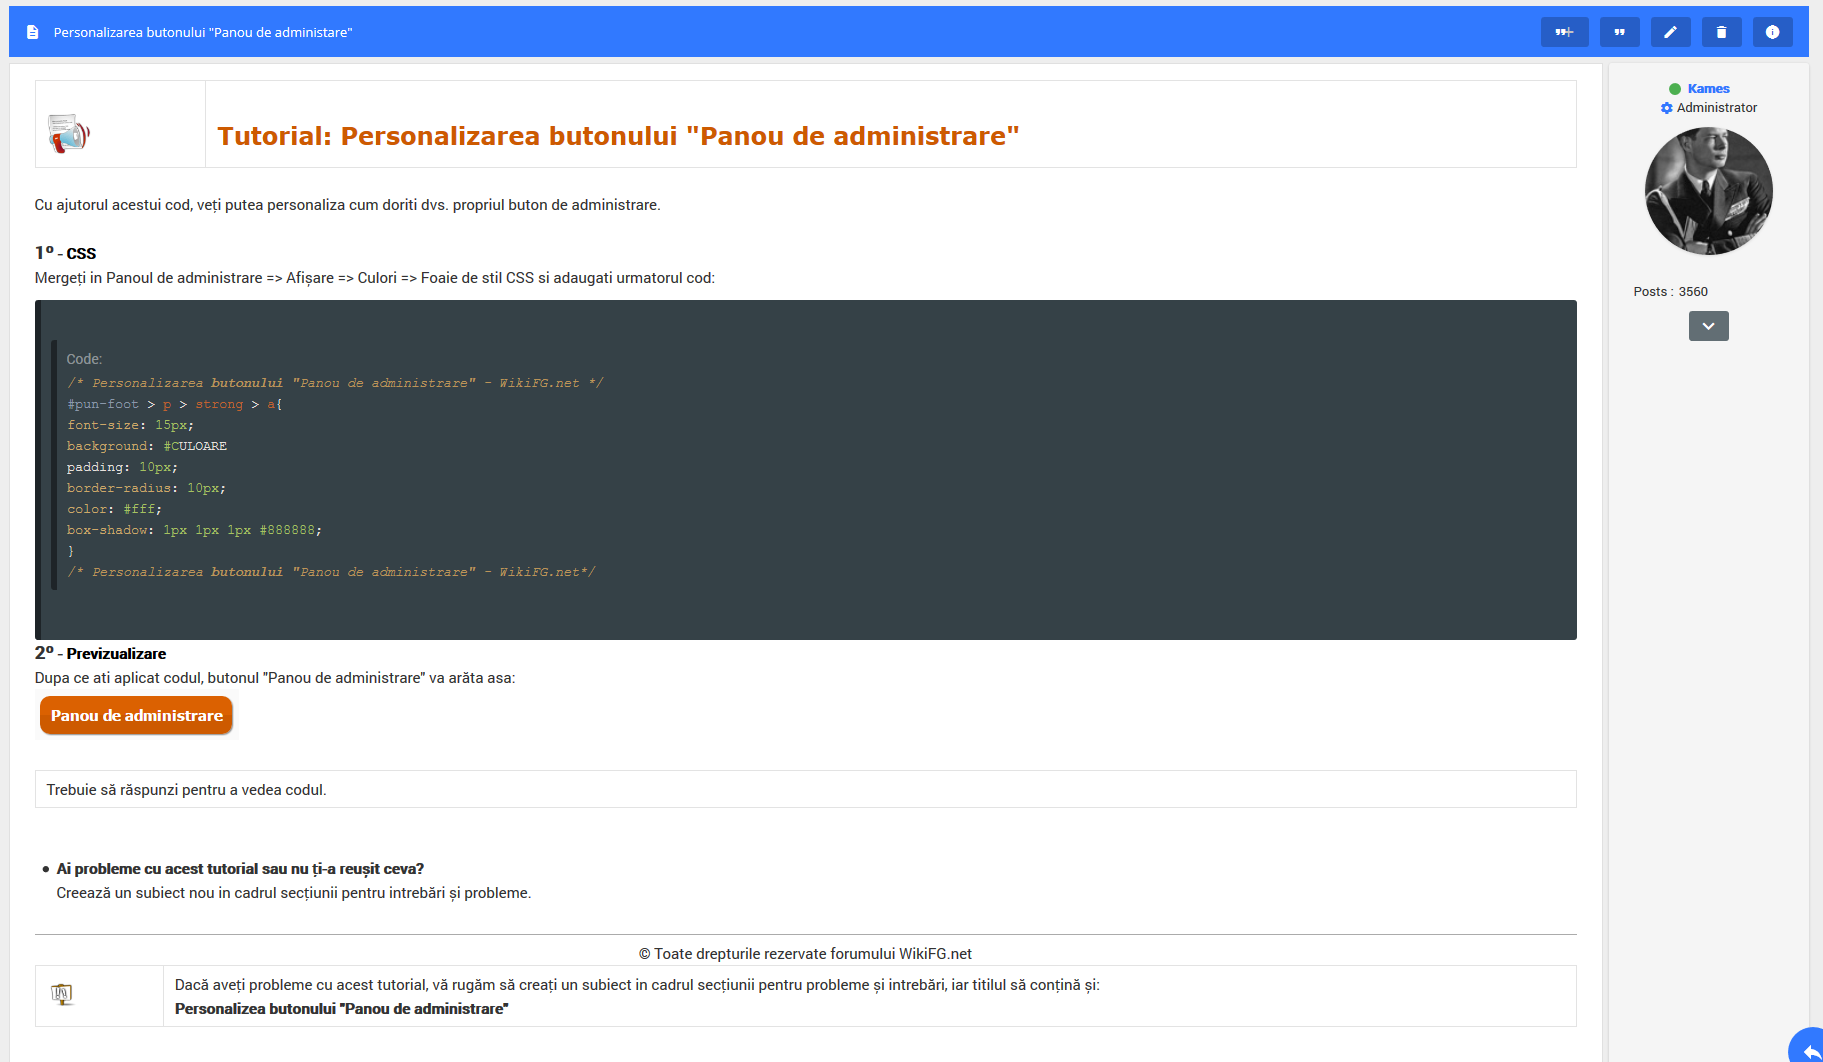 """Personalizarea butonului """"Panou de administare"""" Screen18"""